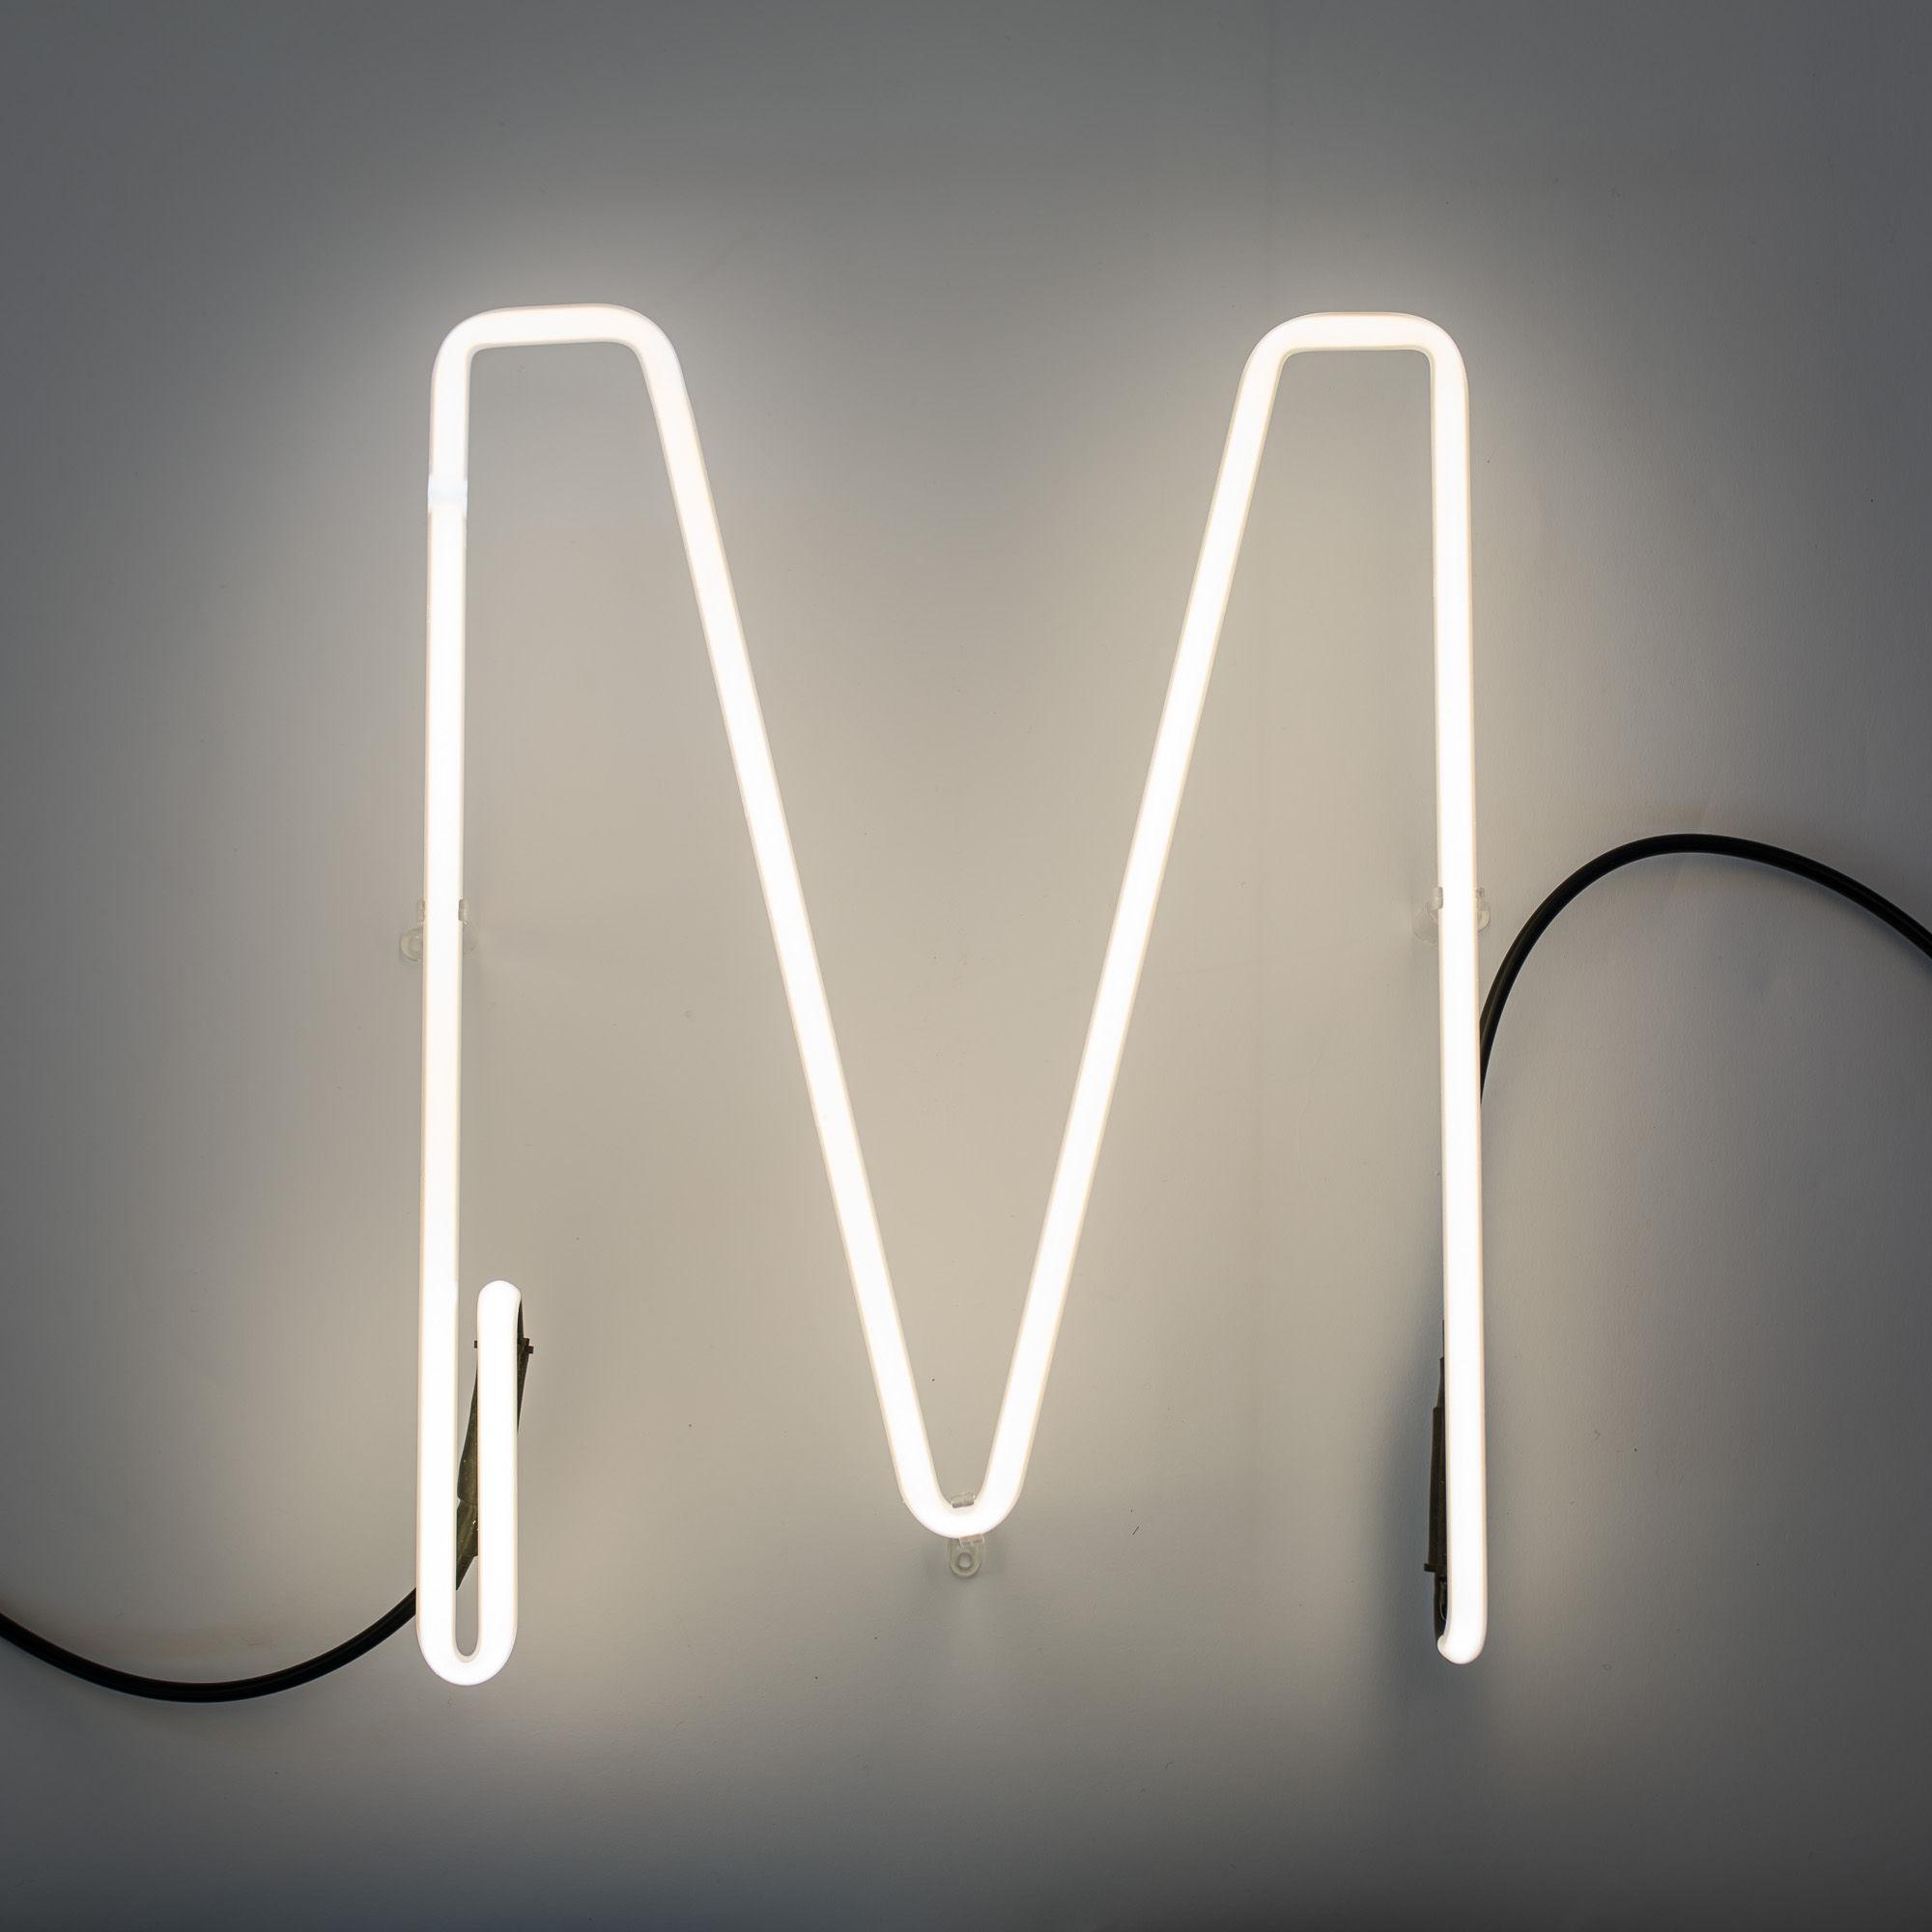 Applique avec prise n on alphafont lettre m lettre m - Applique neon design ...